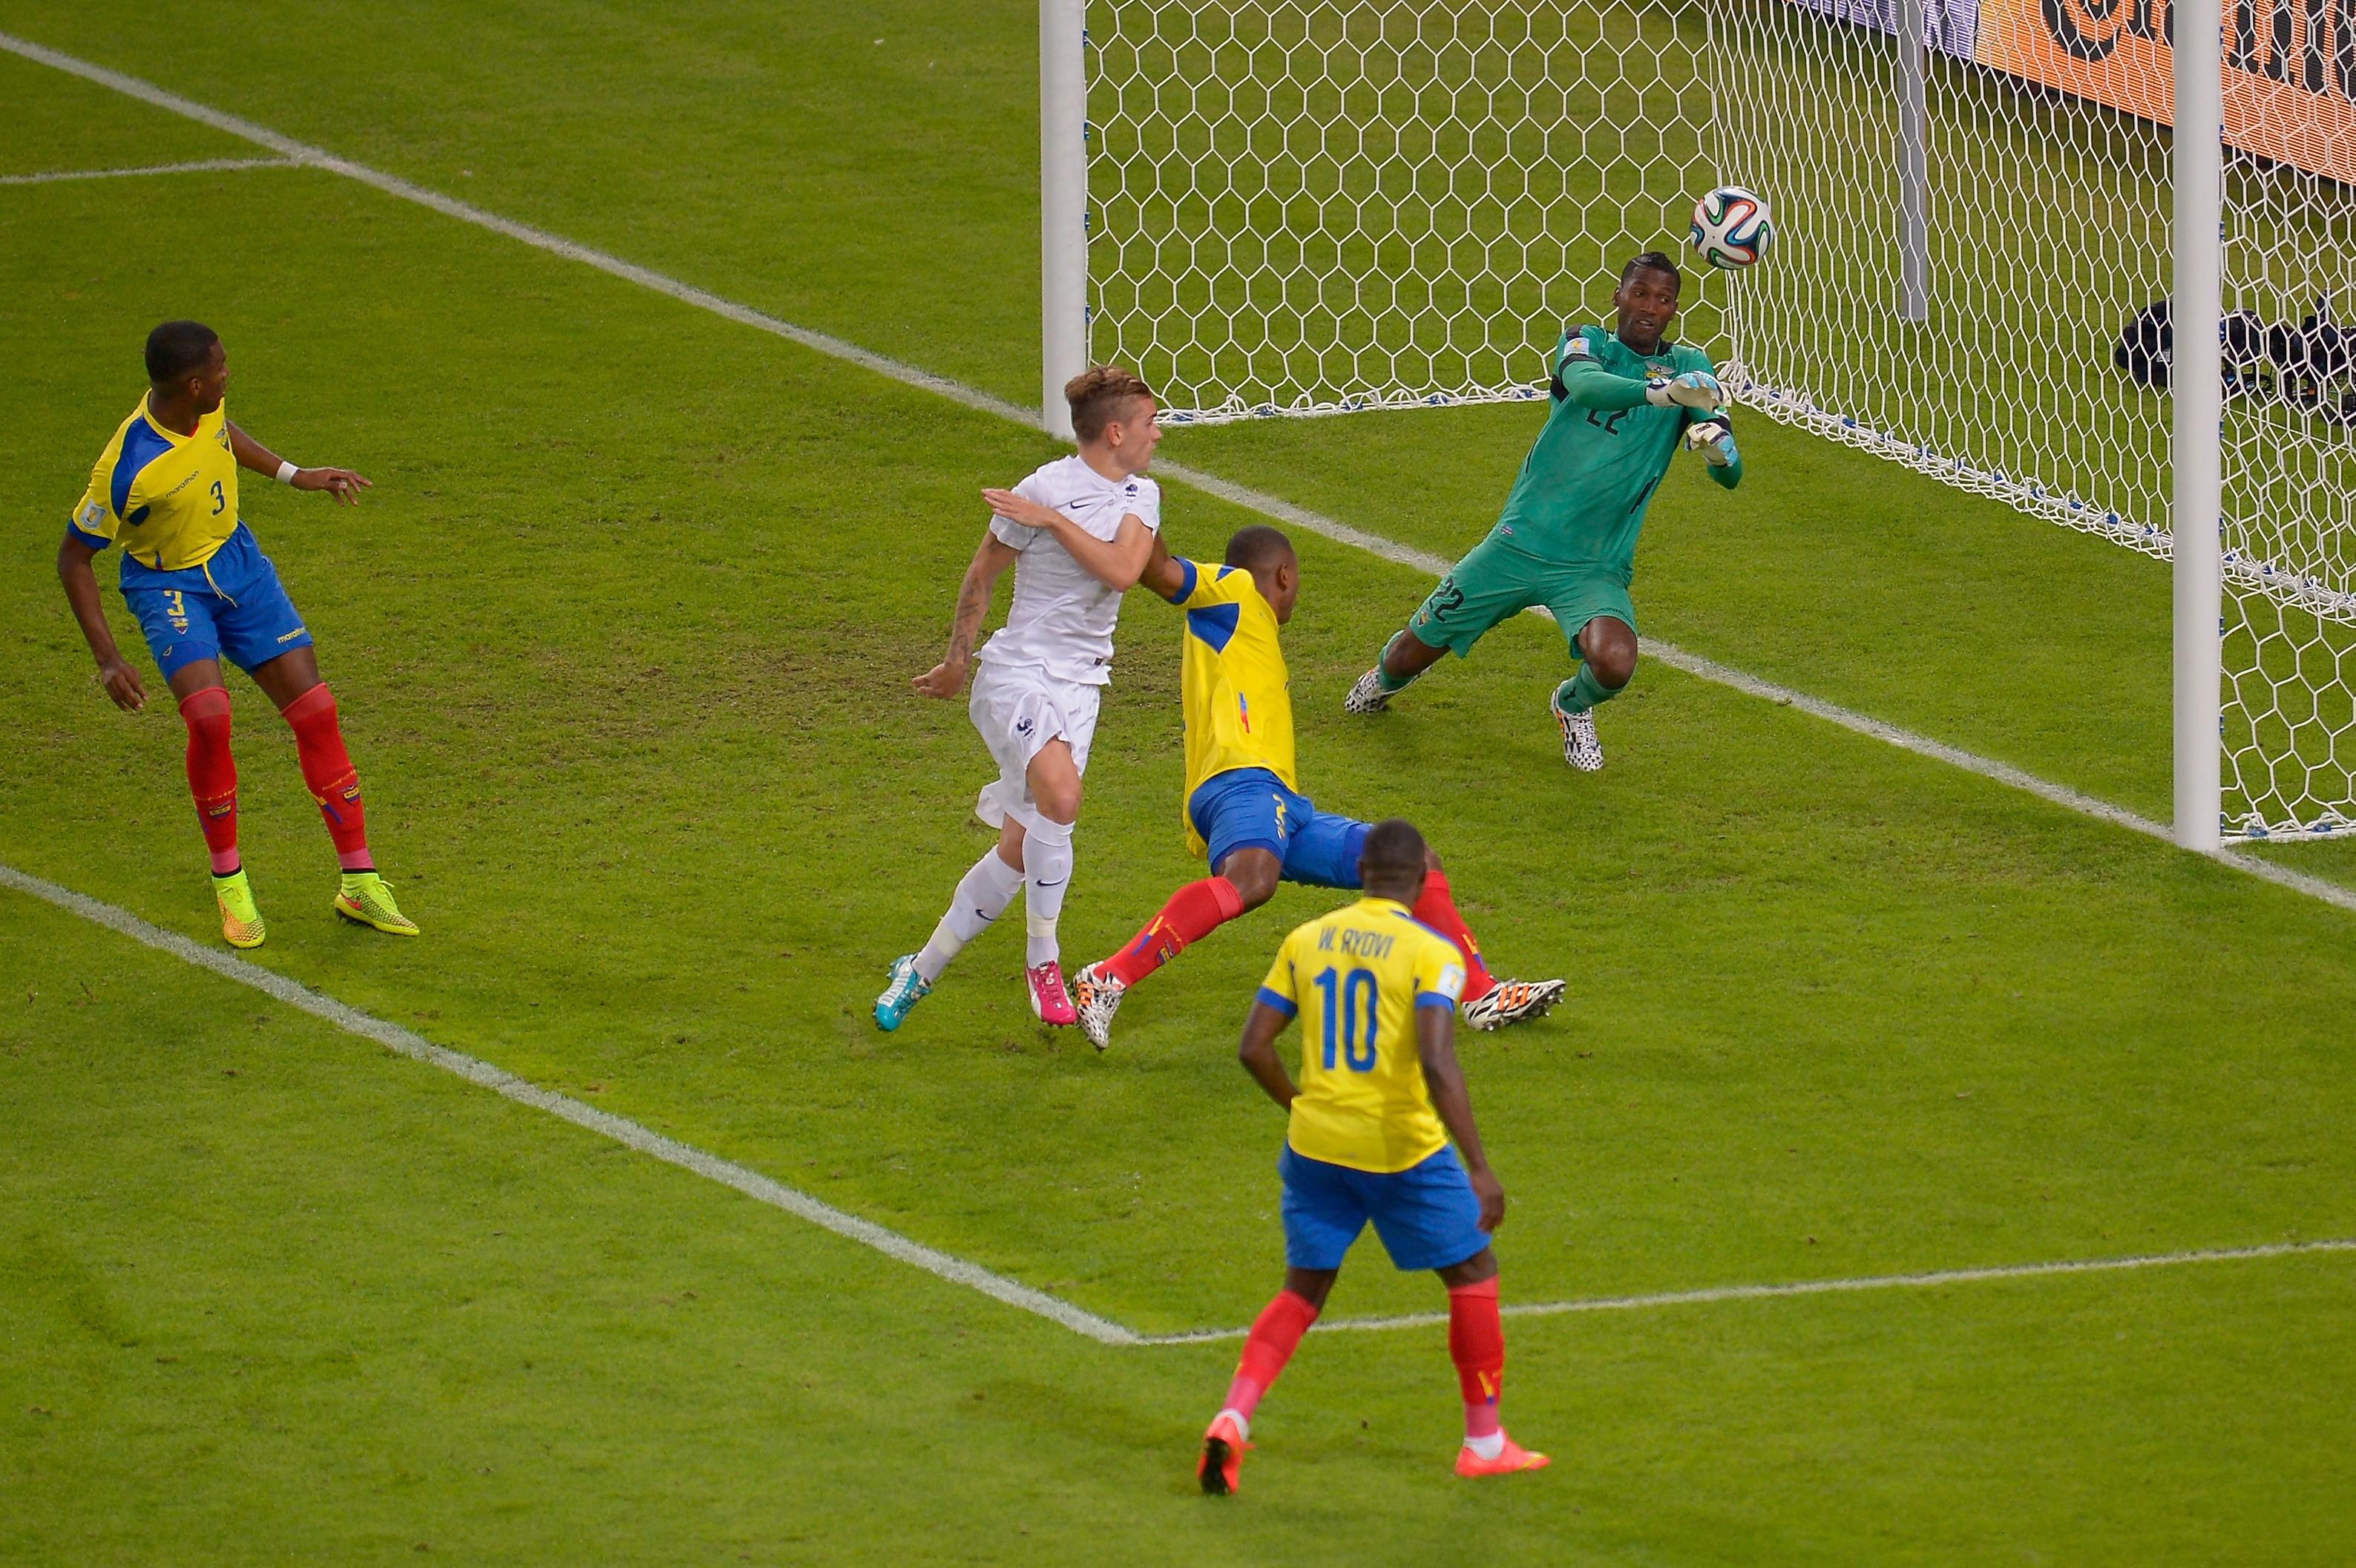 Еквадор – Франція 0:0. Збій системи - изображение 7